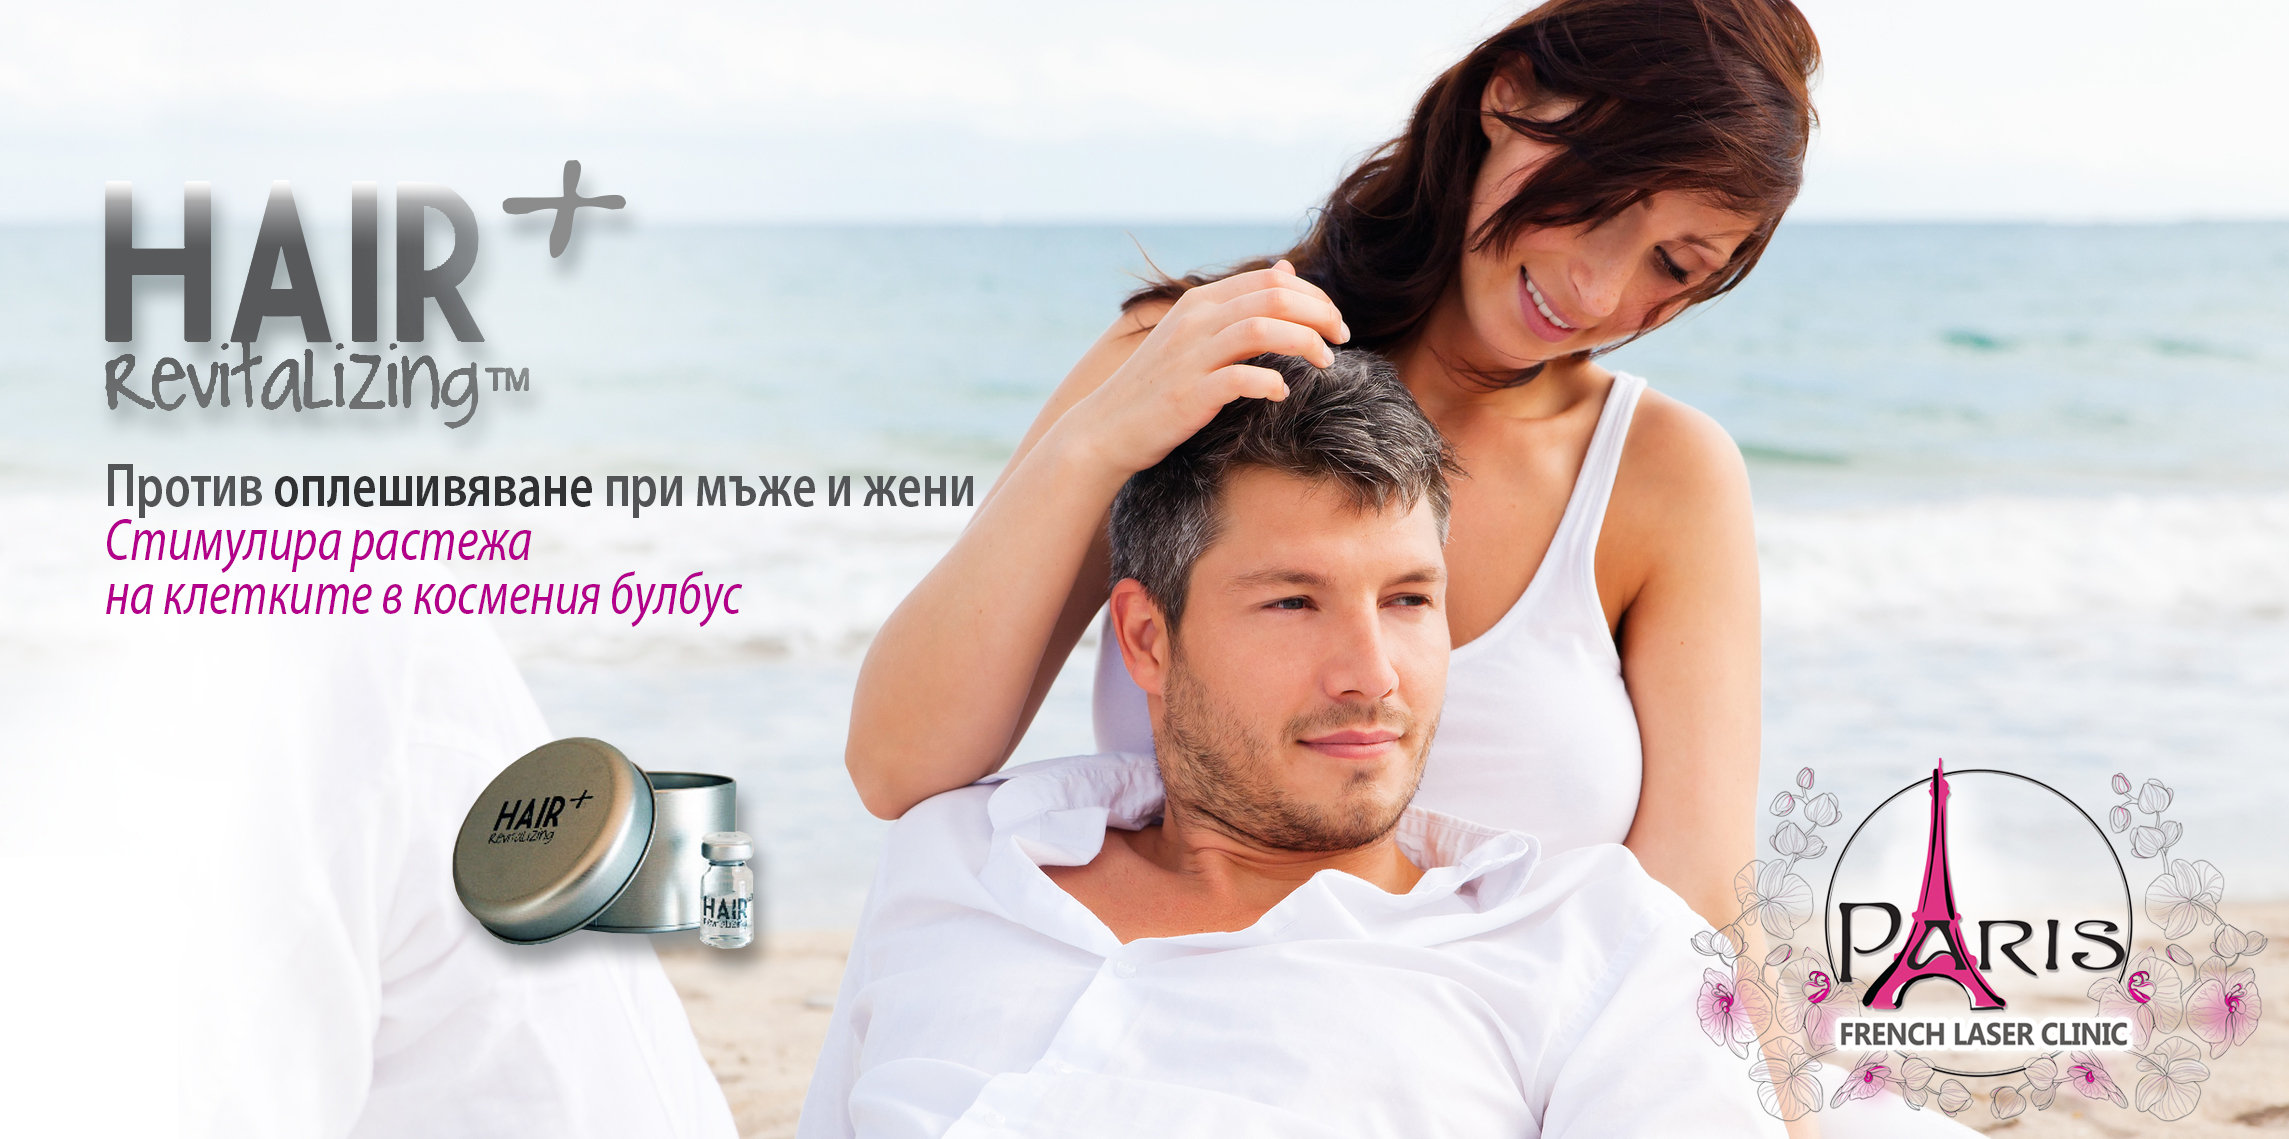 Инжективна мезотерапия против косопад и оплешивяване Hair+ за мъже и жени